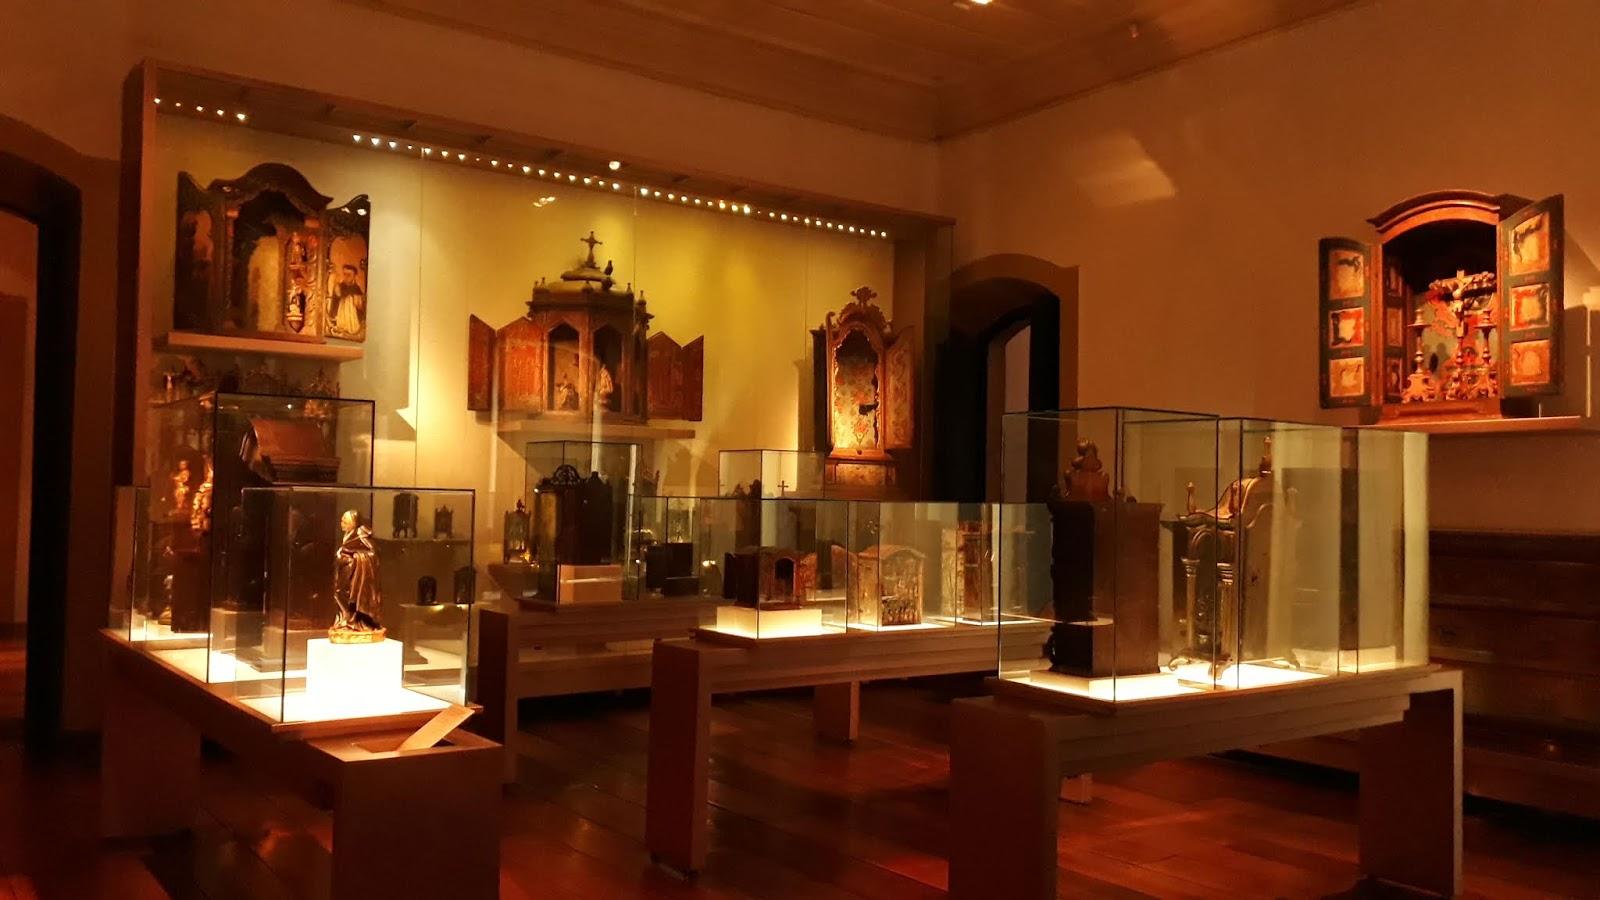 Peças religiosas do acervo - Museu da Inconfidência